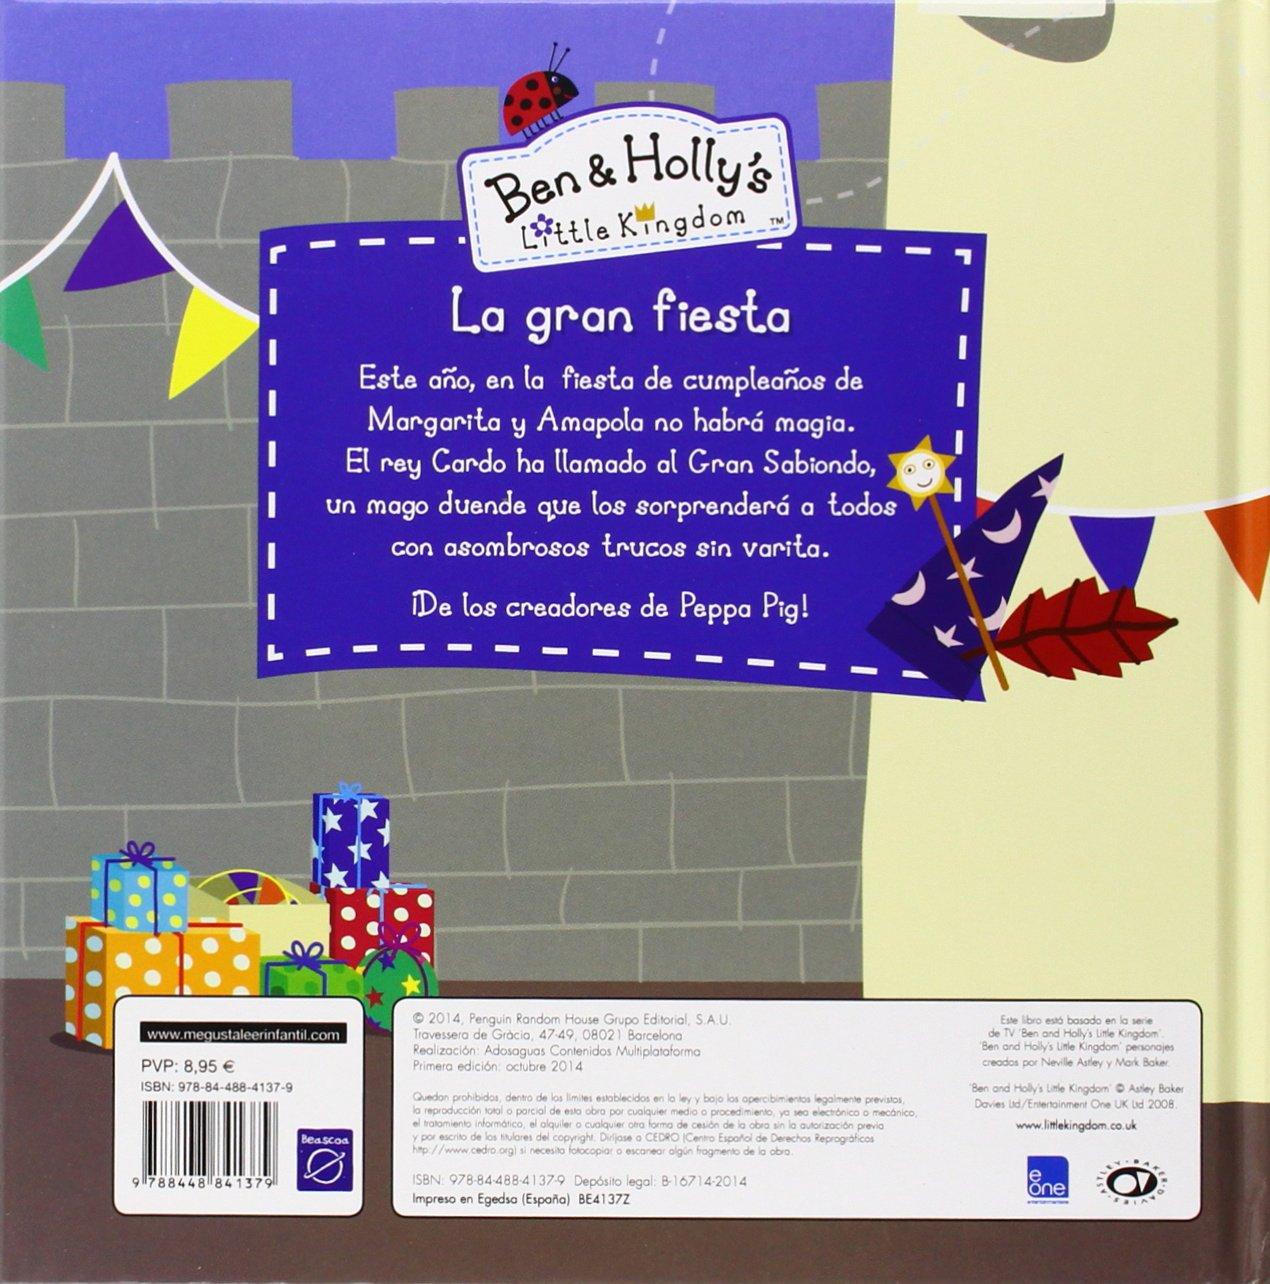 BEN&HOLLYS LA GRAN FIESTA - BEASCOA: 9788448841379: Amazon ...